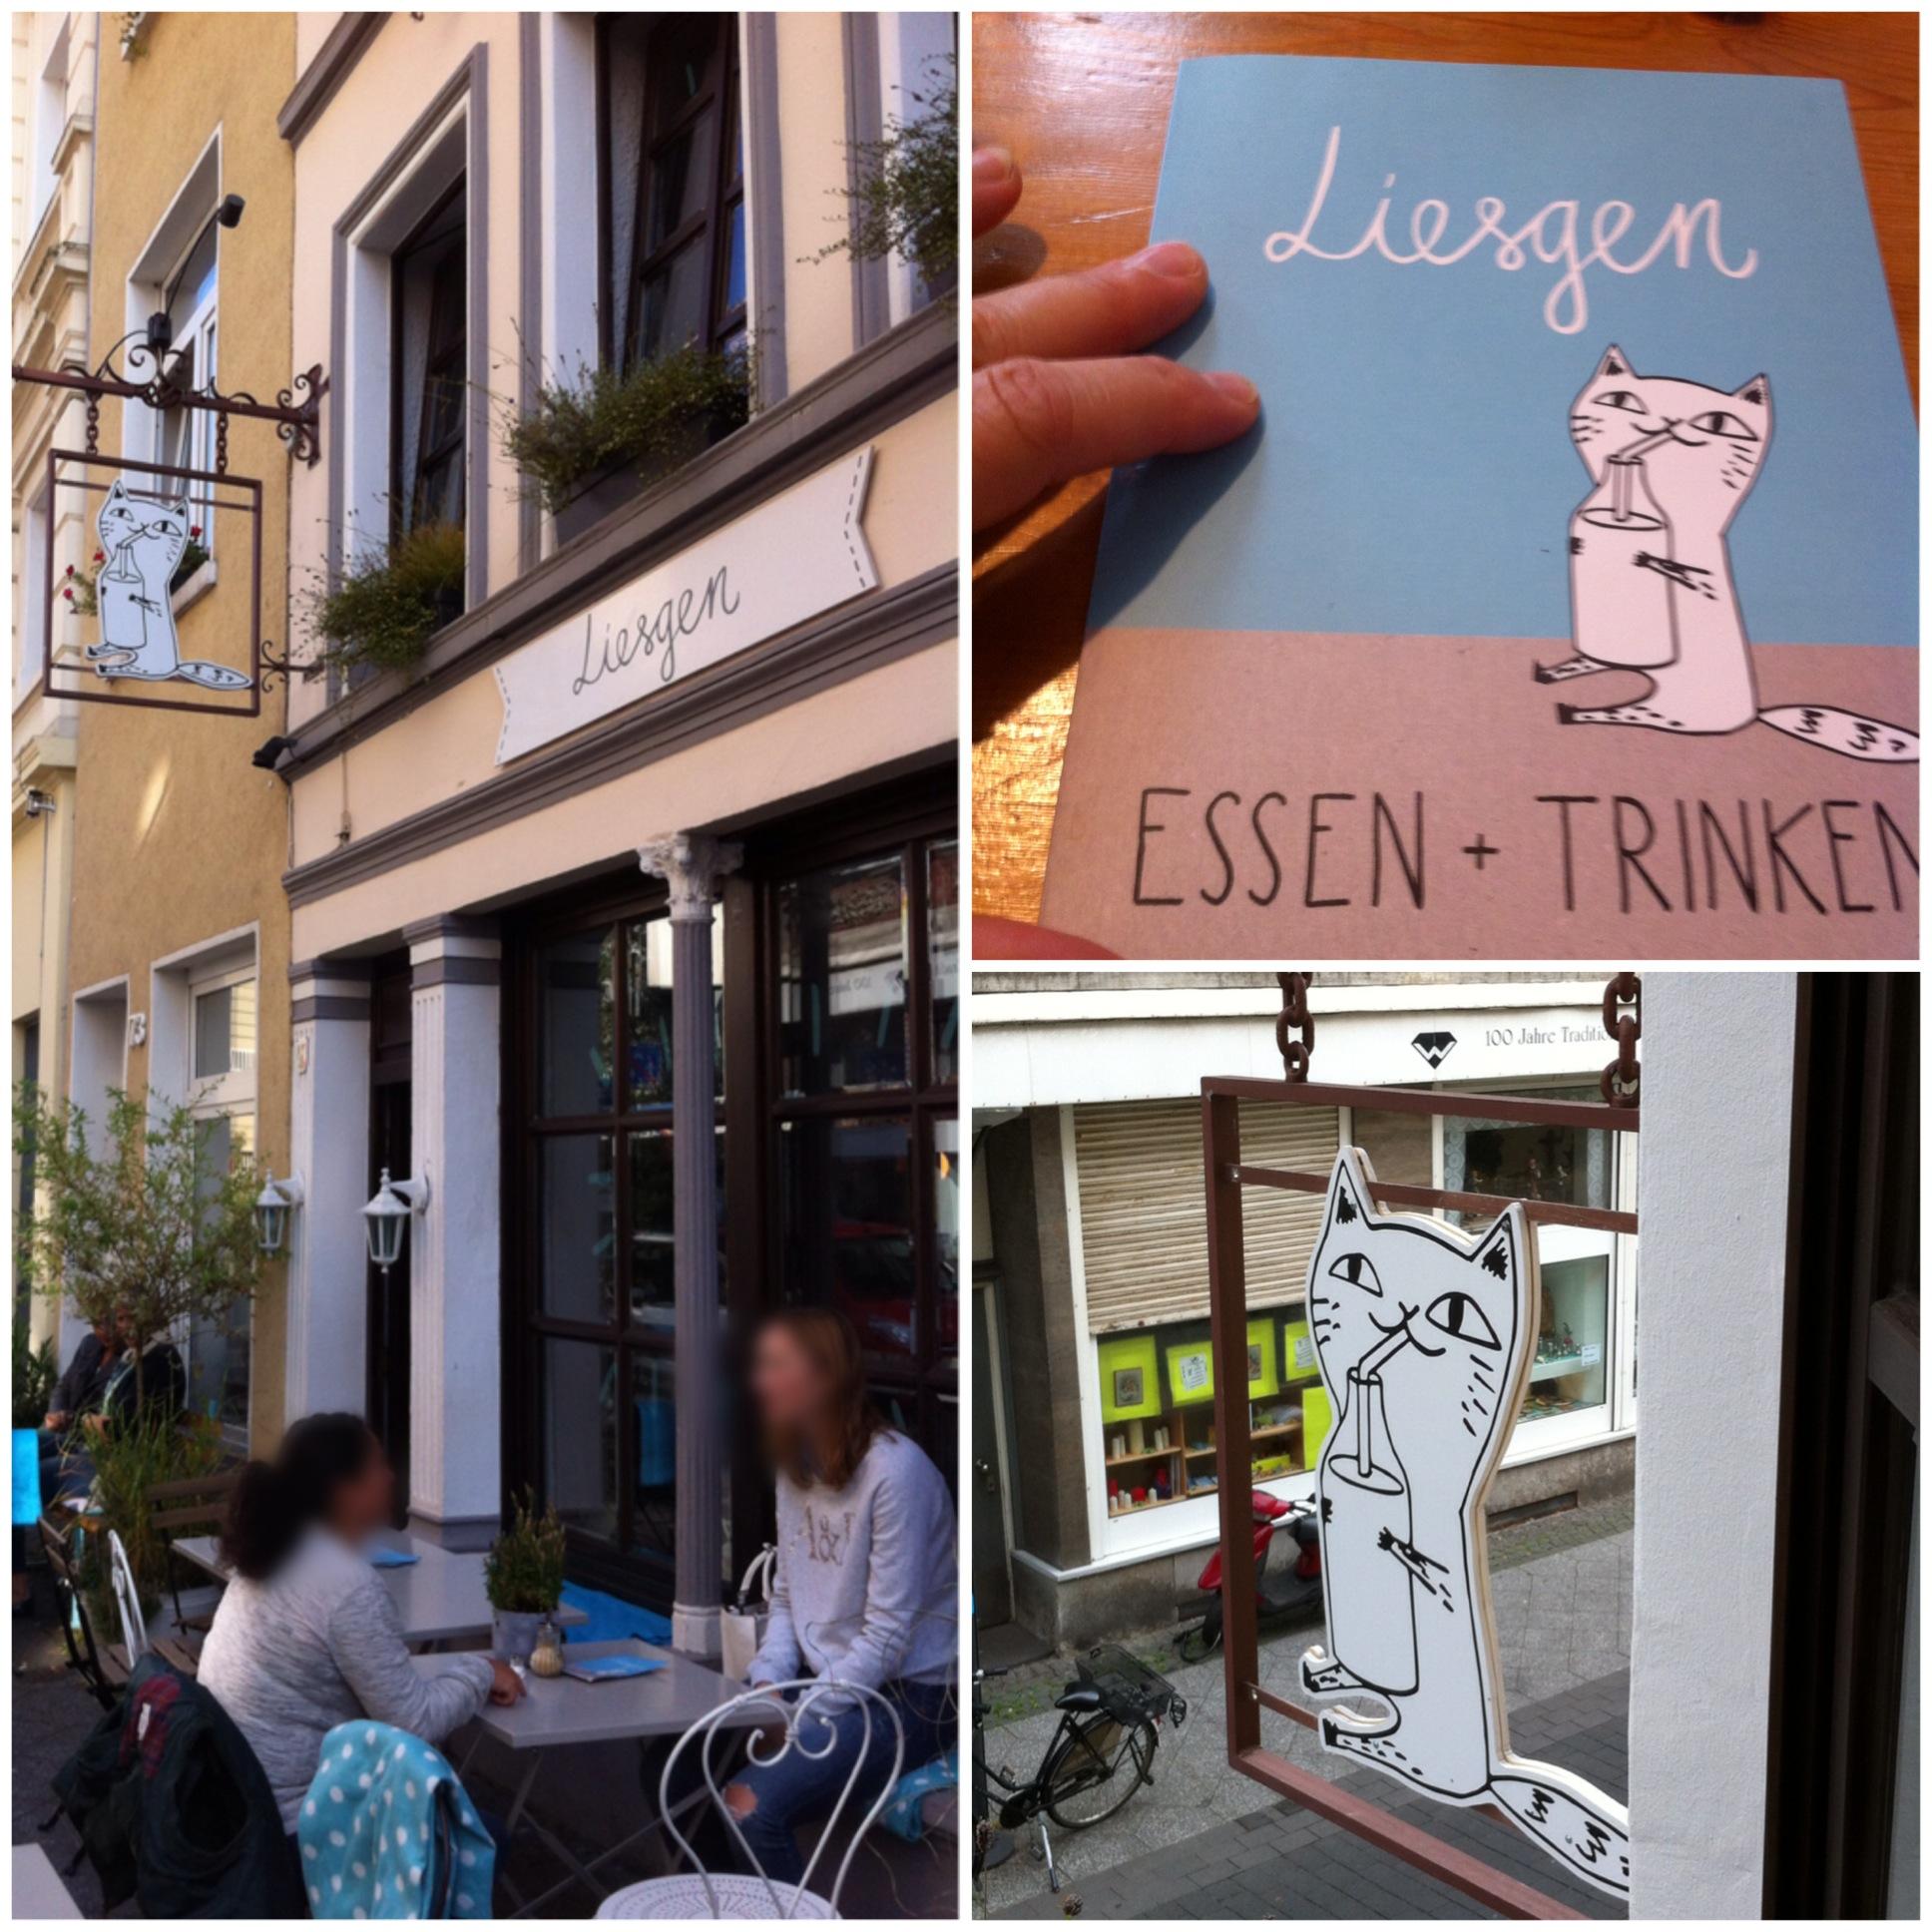 Das Liesgen – oder – Klein, aber oho! Das Cafe Liesgen in Krefeld